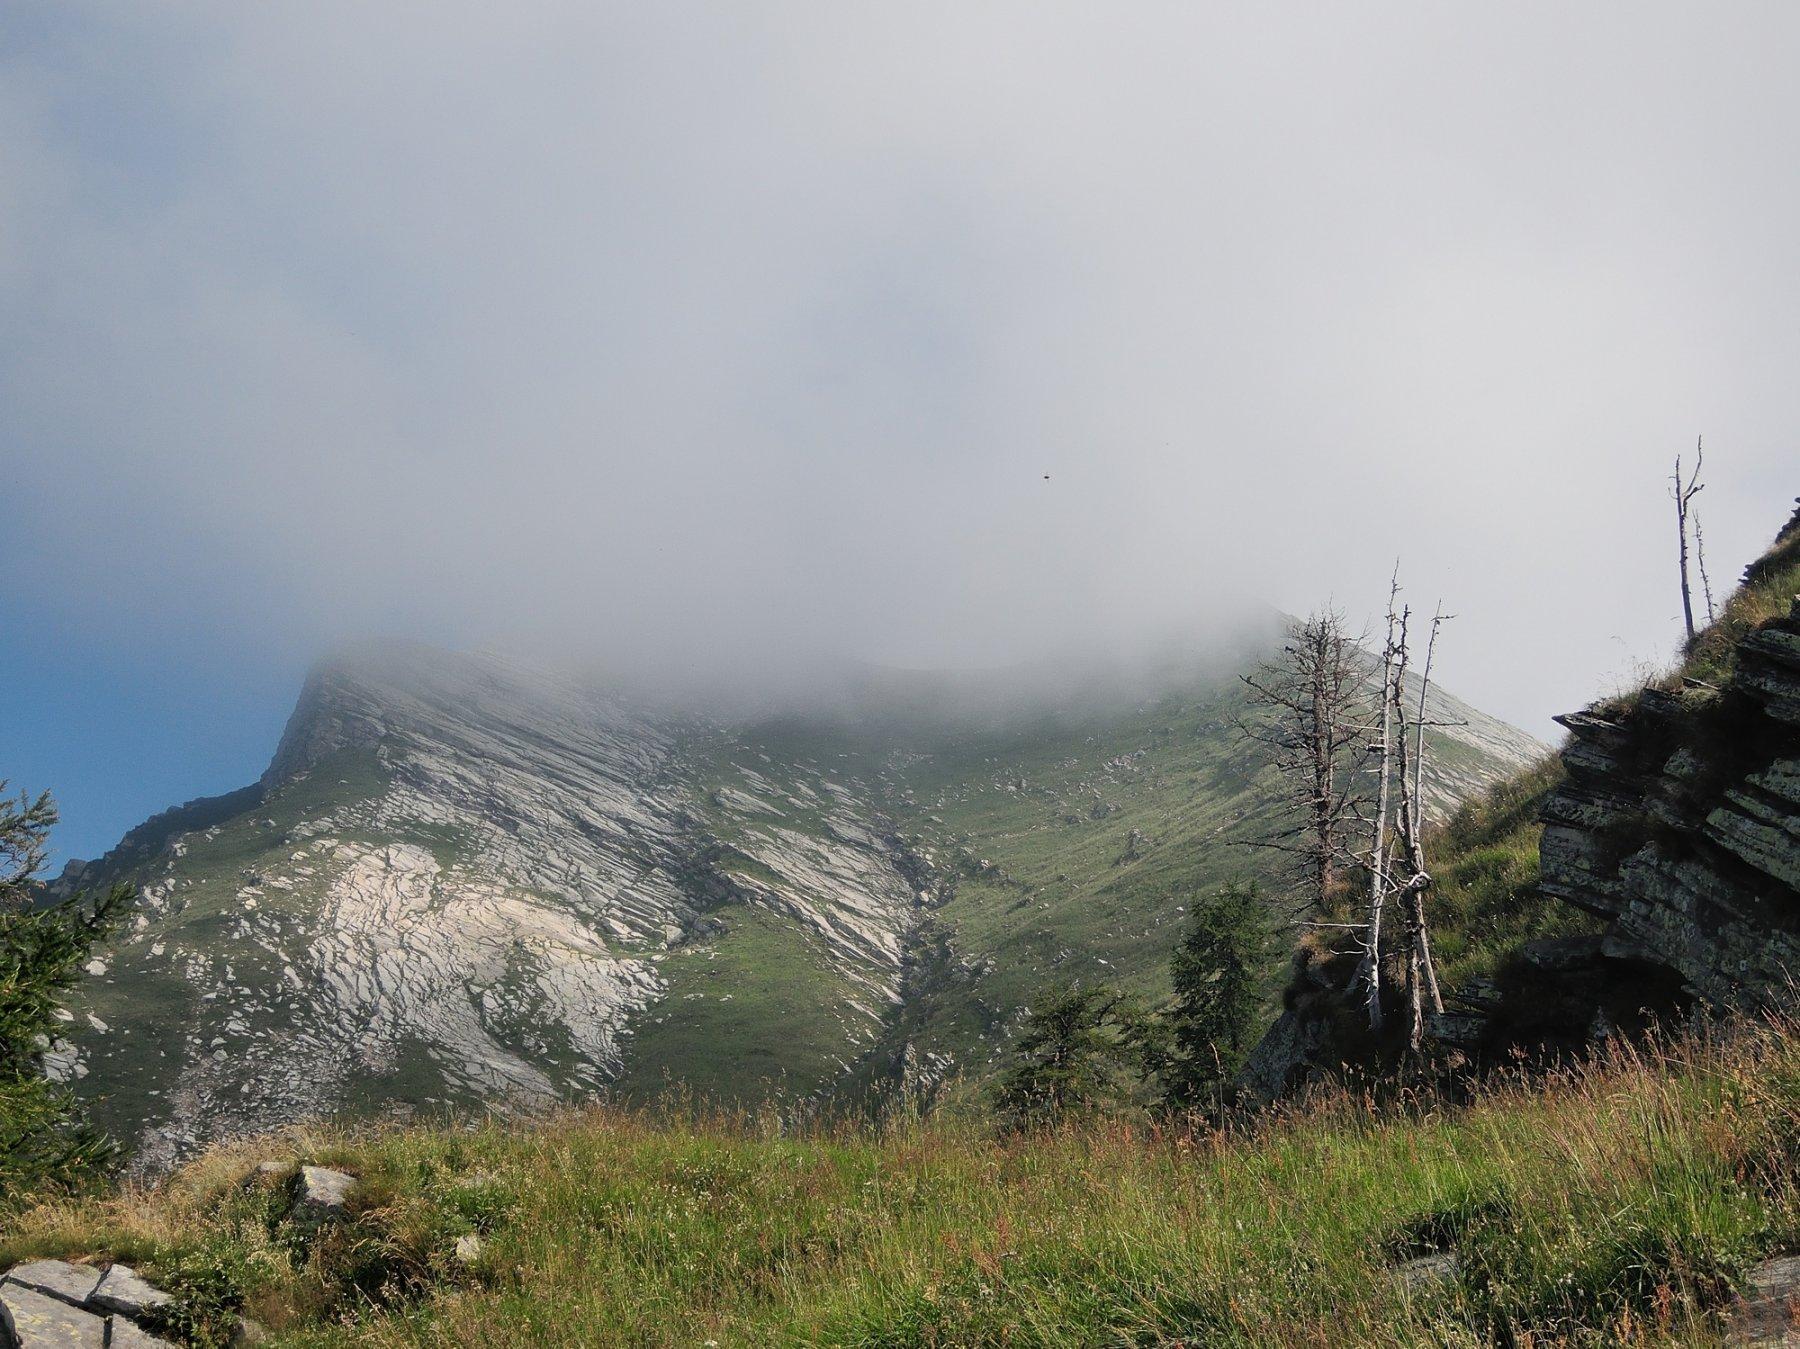 La cima avvolta nella nebbia